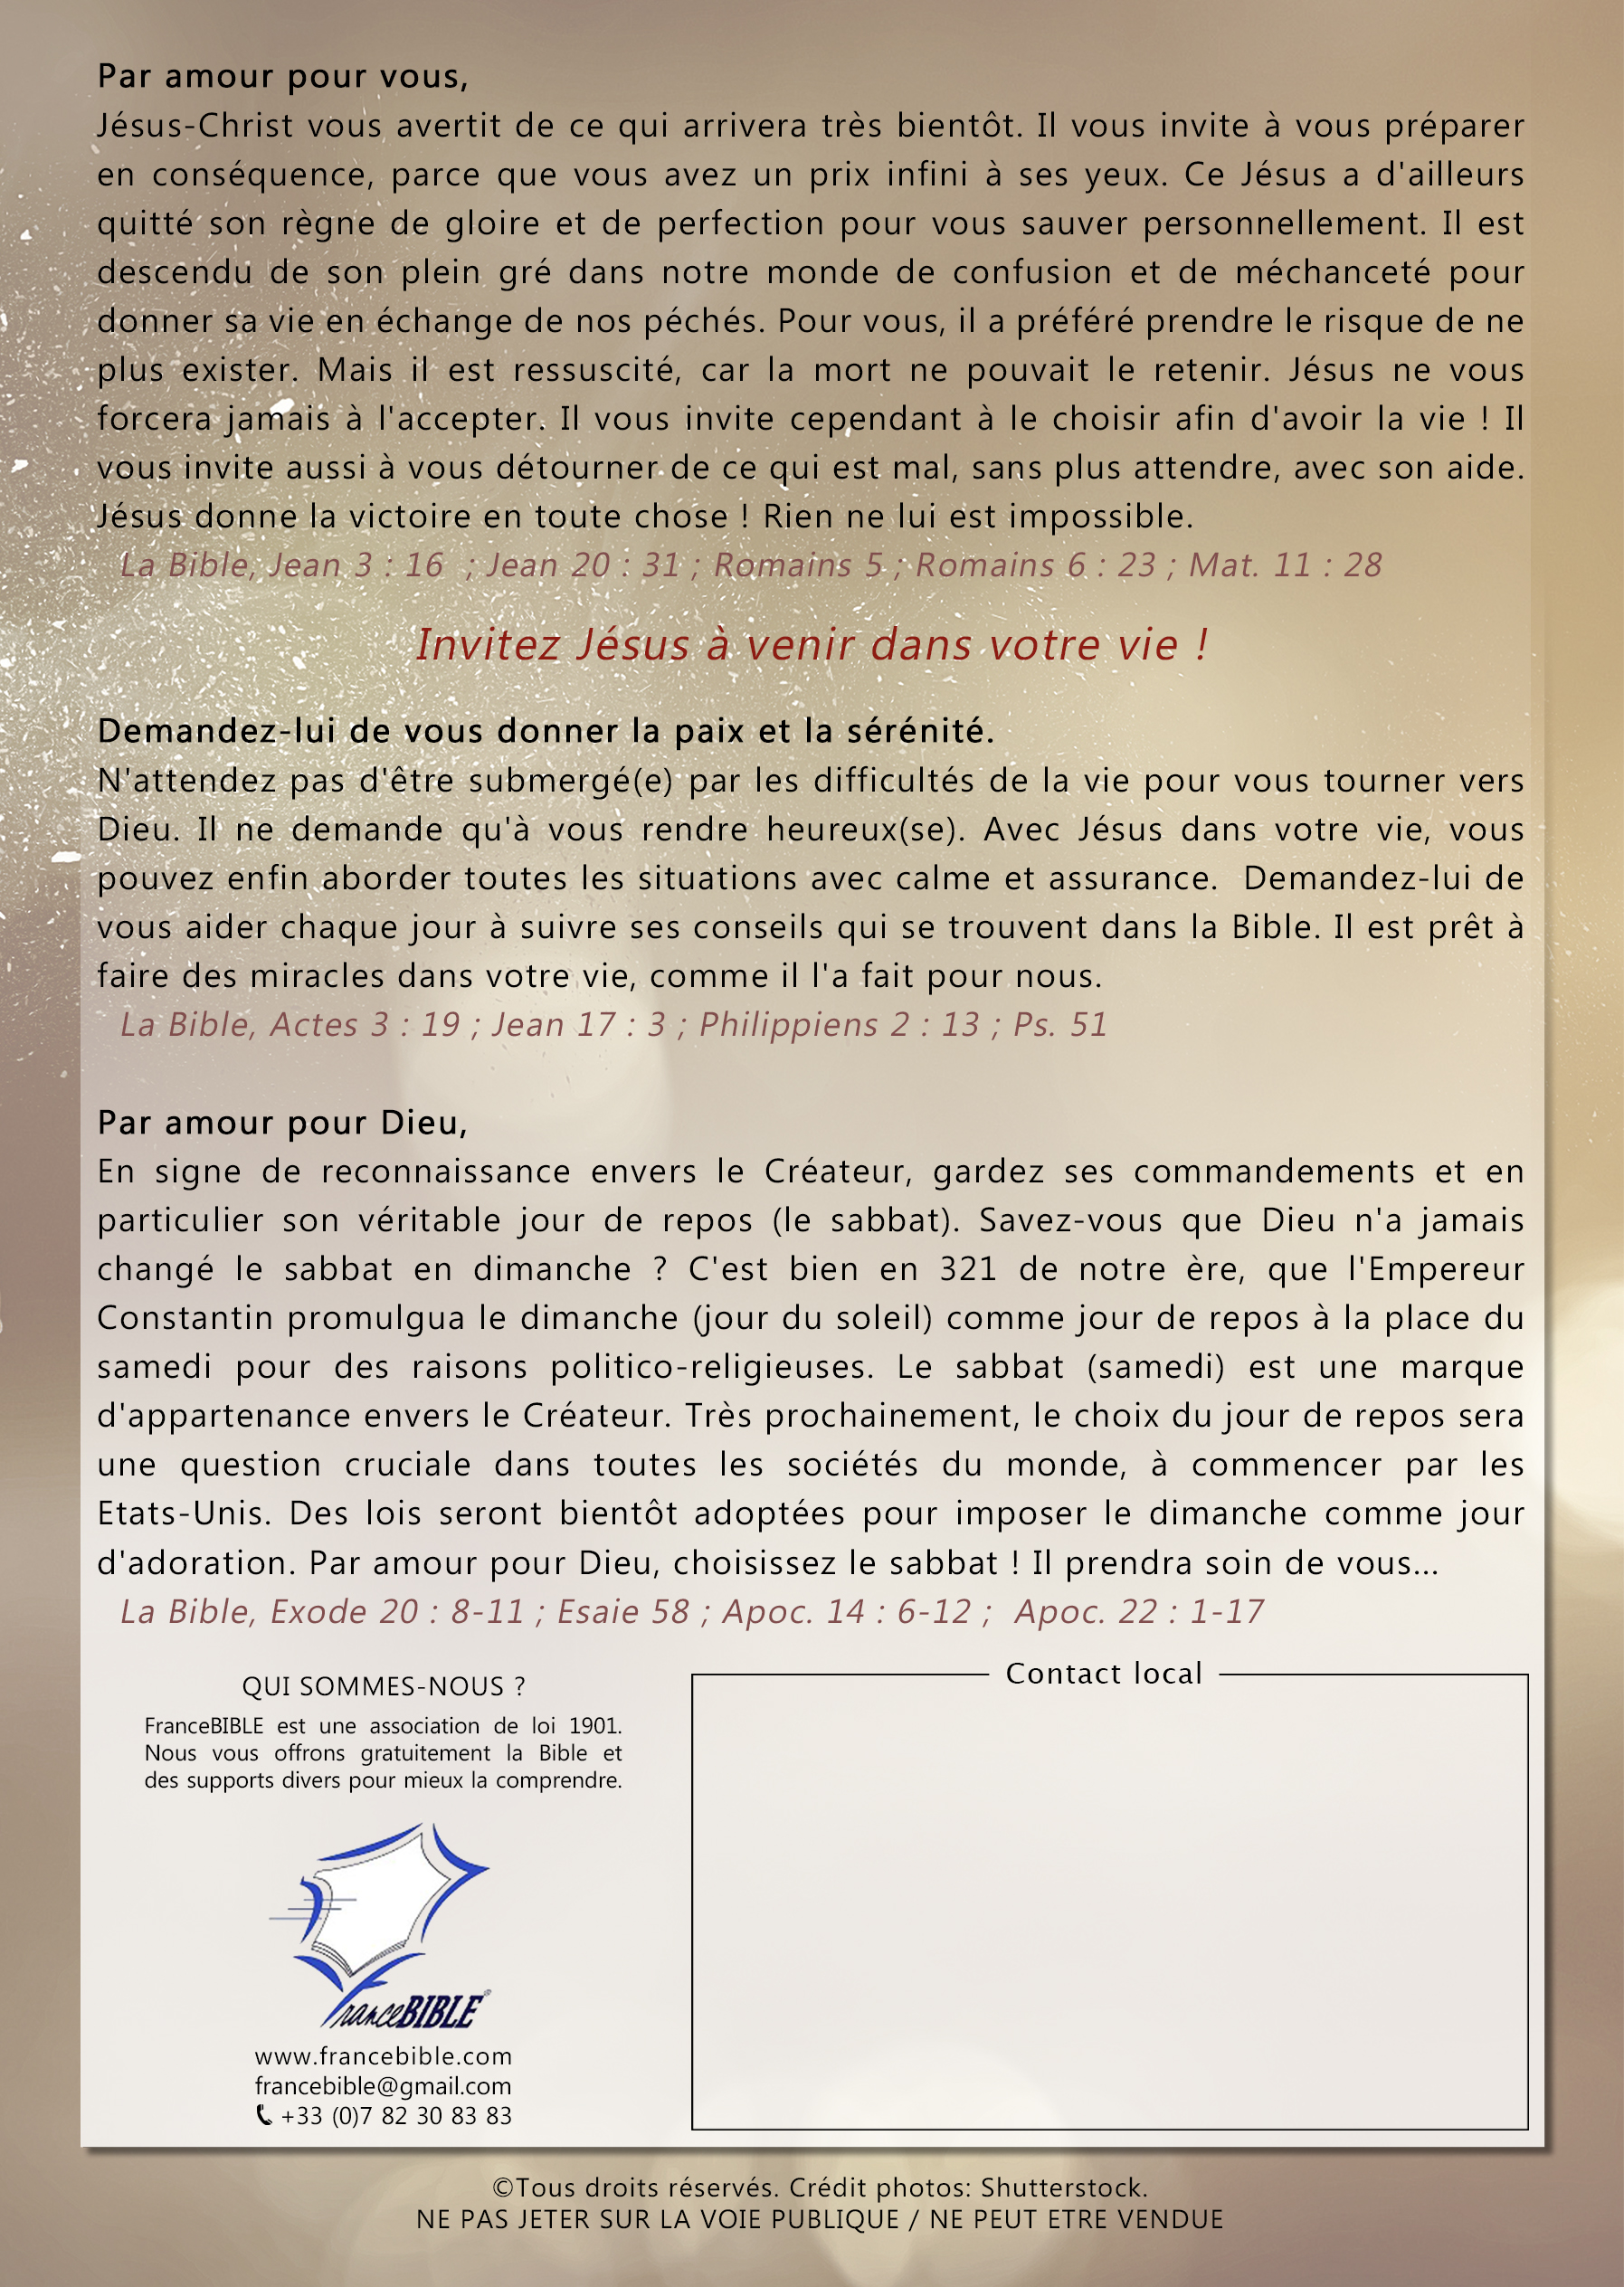 Flyer_-_Prophéties_bibliques_verso_©Copyright_FranceBIBLE